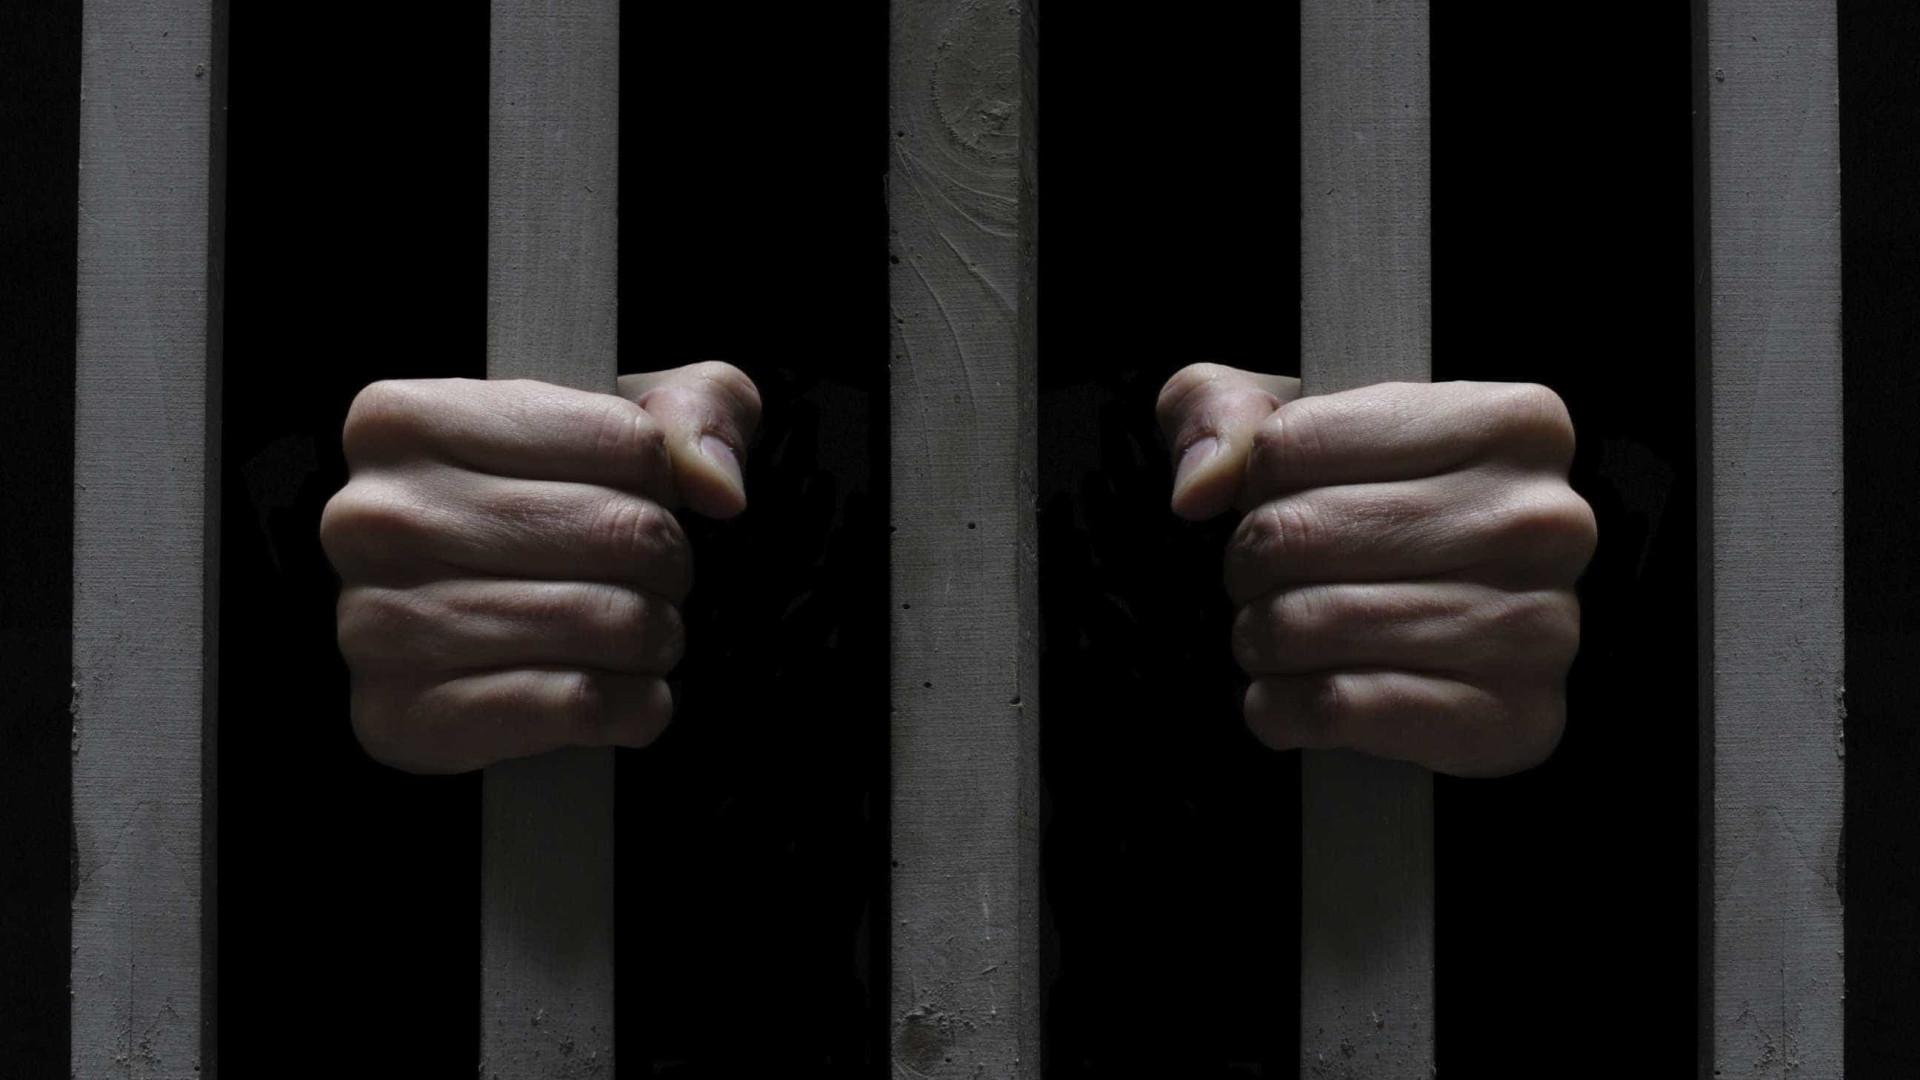 Detido por agressão e roubo de... seis euros